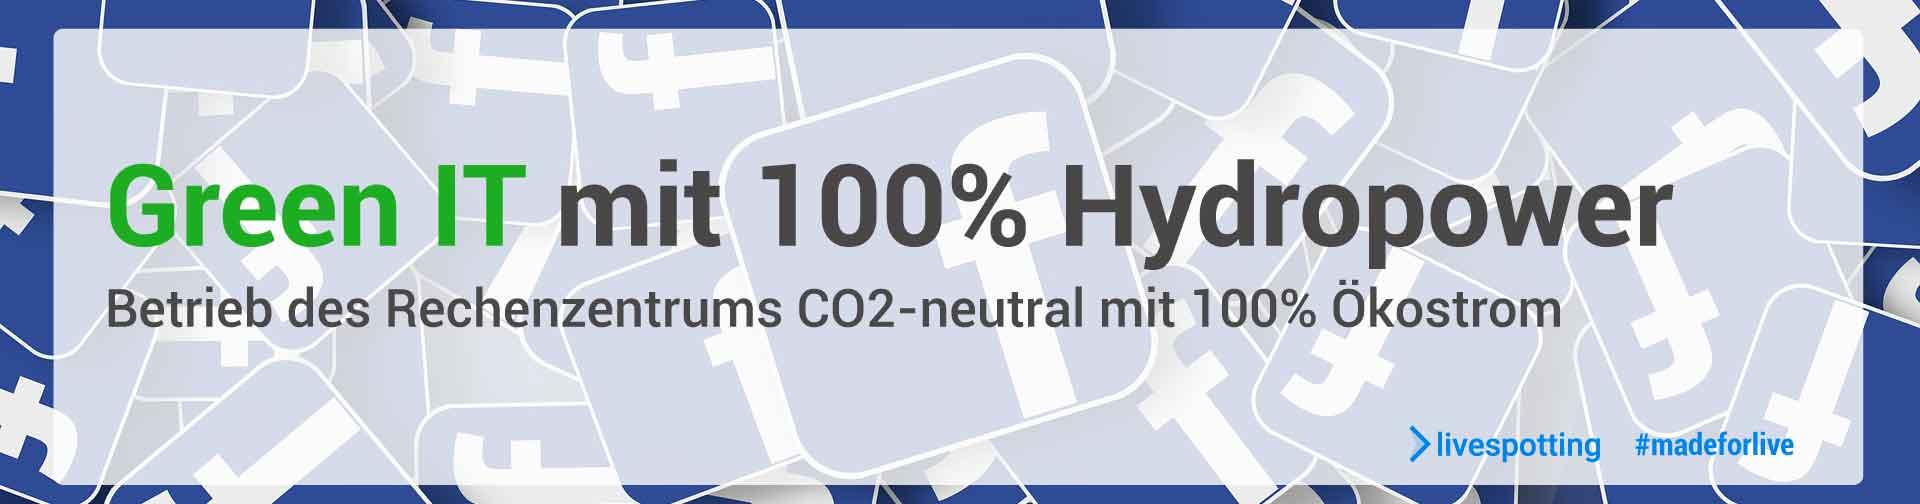 Wir tun was für die Umwelt und achten auf CO2 neutralität beim Live-Streaming von Webcams.